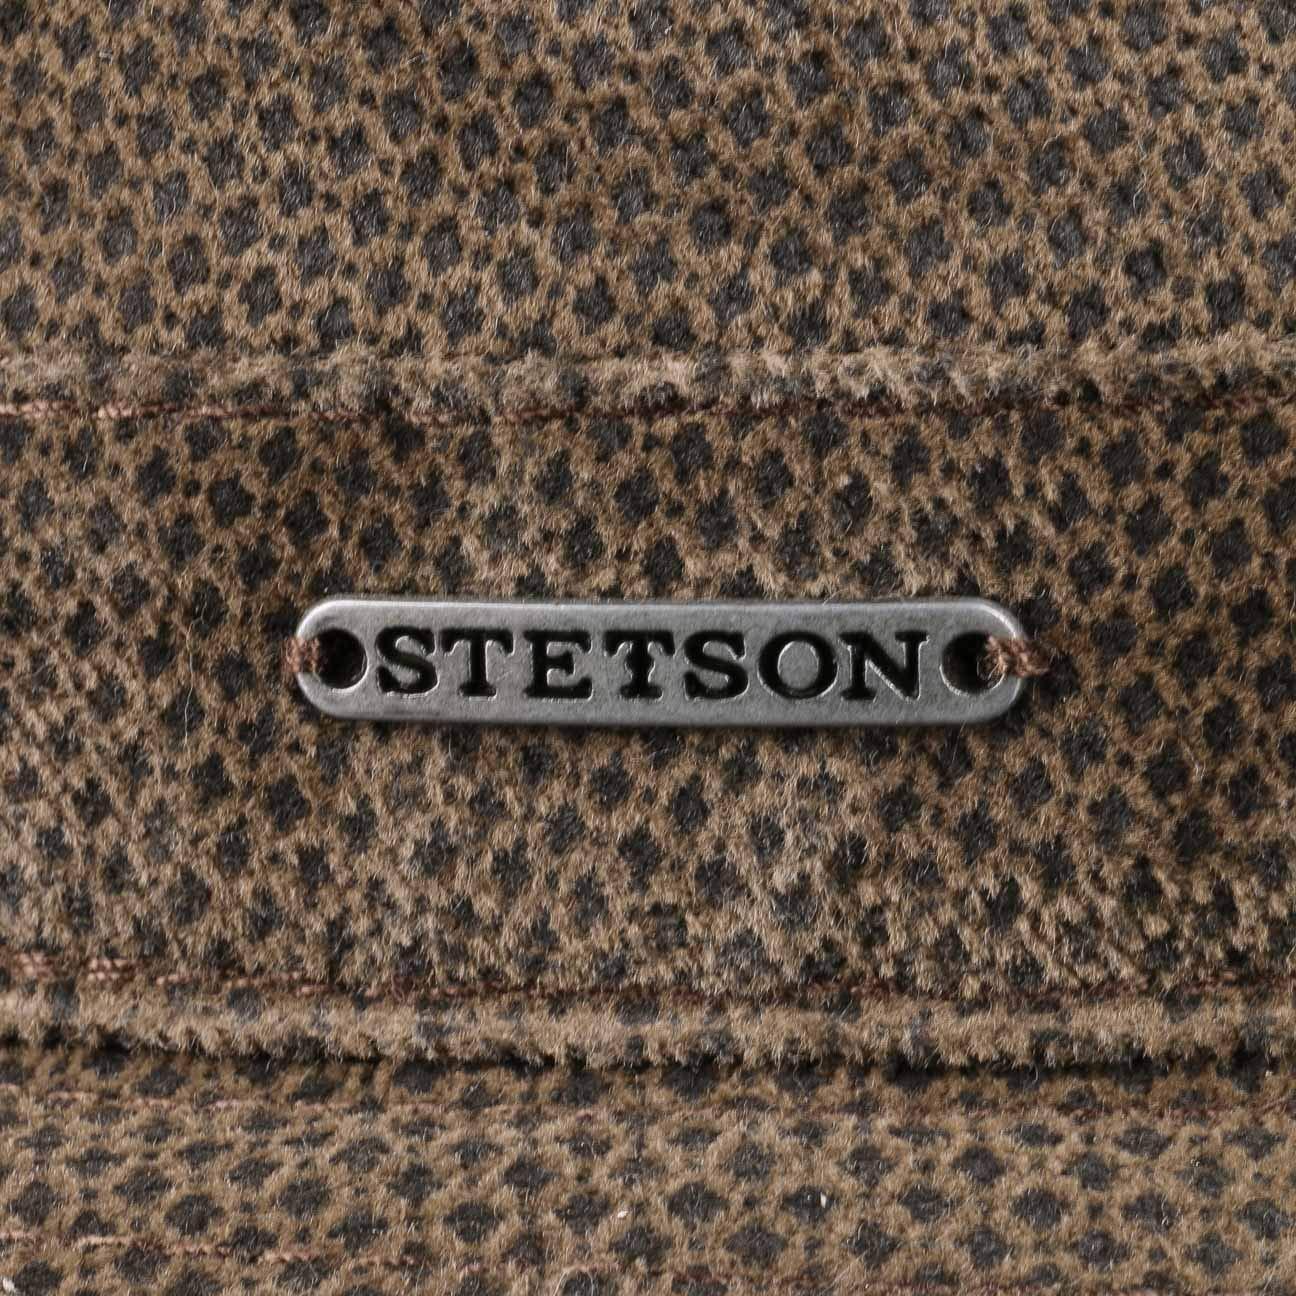 c6d20d8fcdc86 Stetson Chapeau en Tissu Martinez Player Homme | Porkpie Trilby pour avec  Doublure Automne-Hiver | XXL (62-63 cm) Marron: Amazon.fr: Vêtements et ...